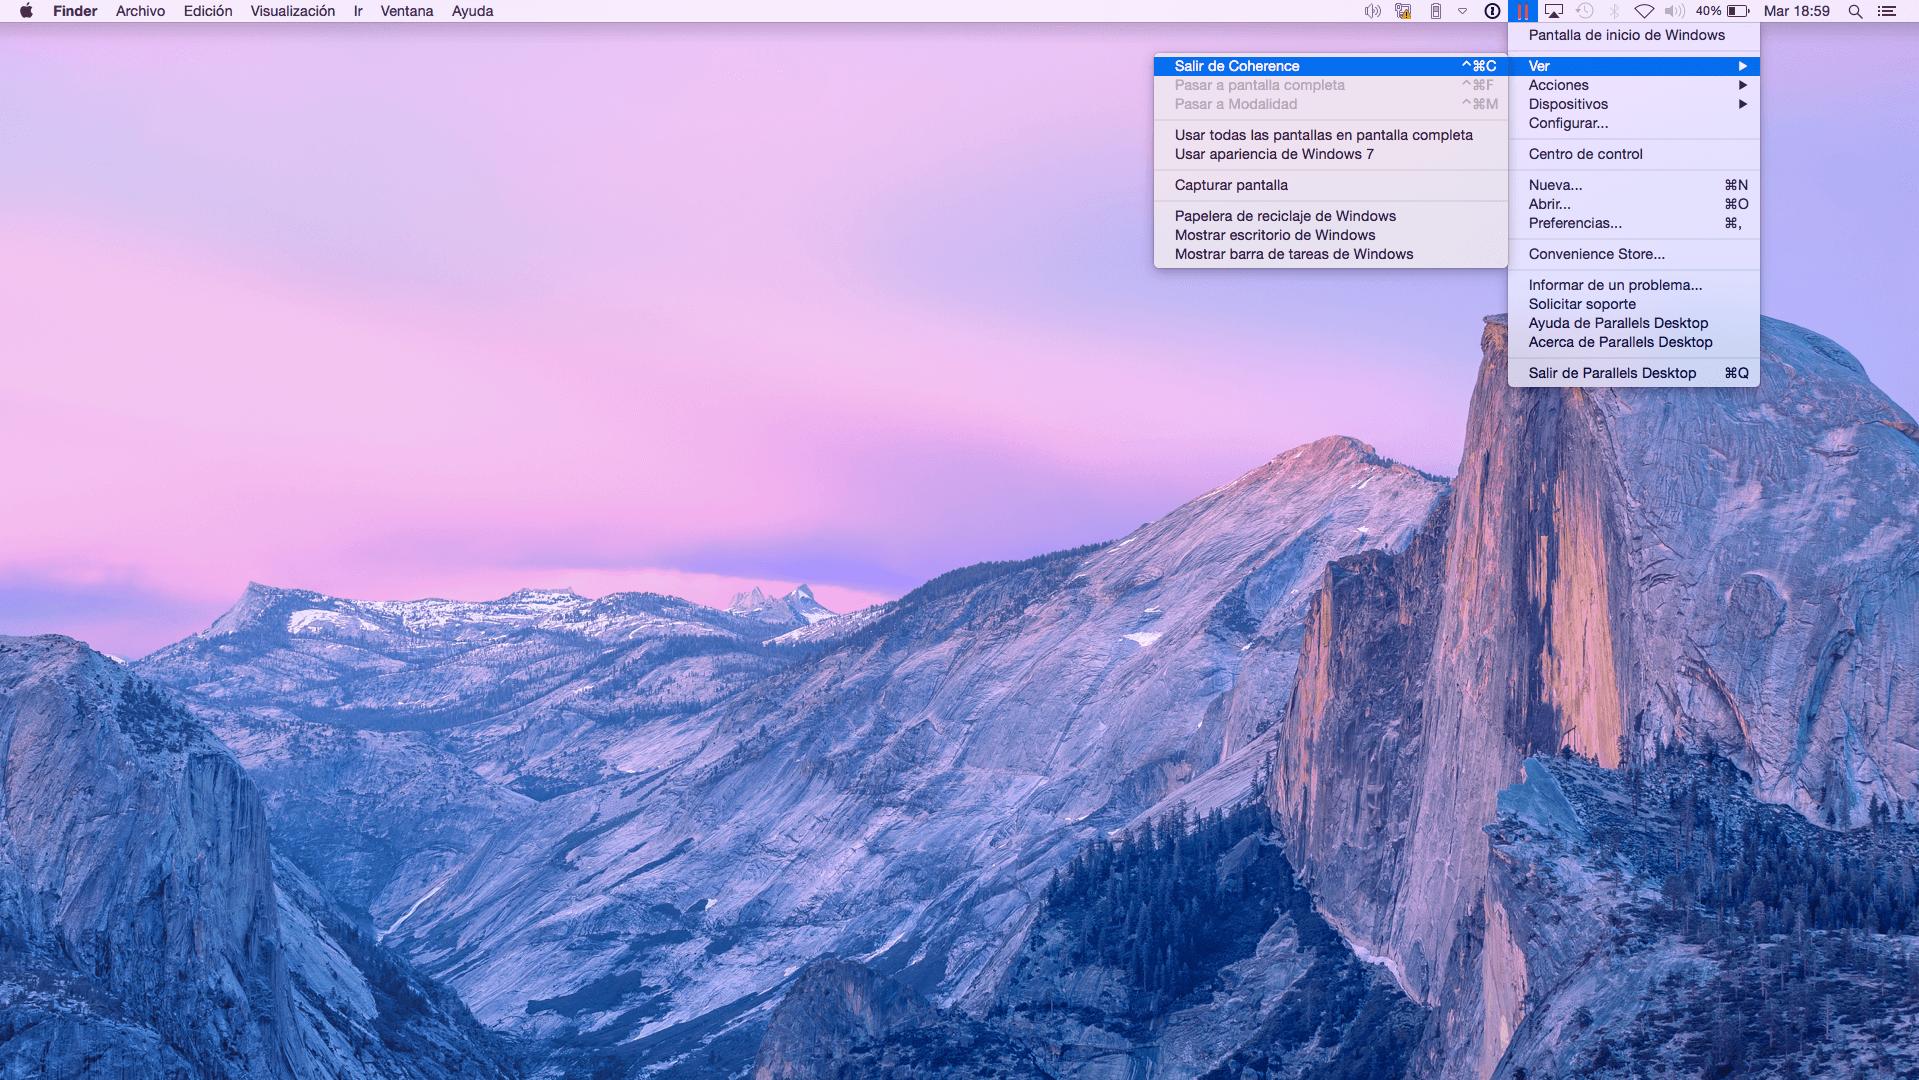 Captura de pantalla 2015-04-14 a las 18.59.51